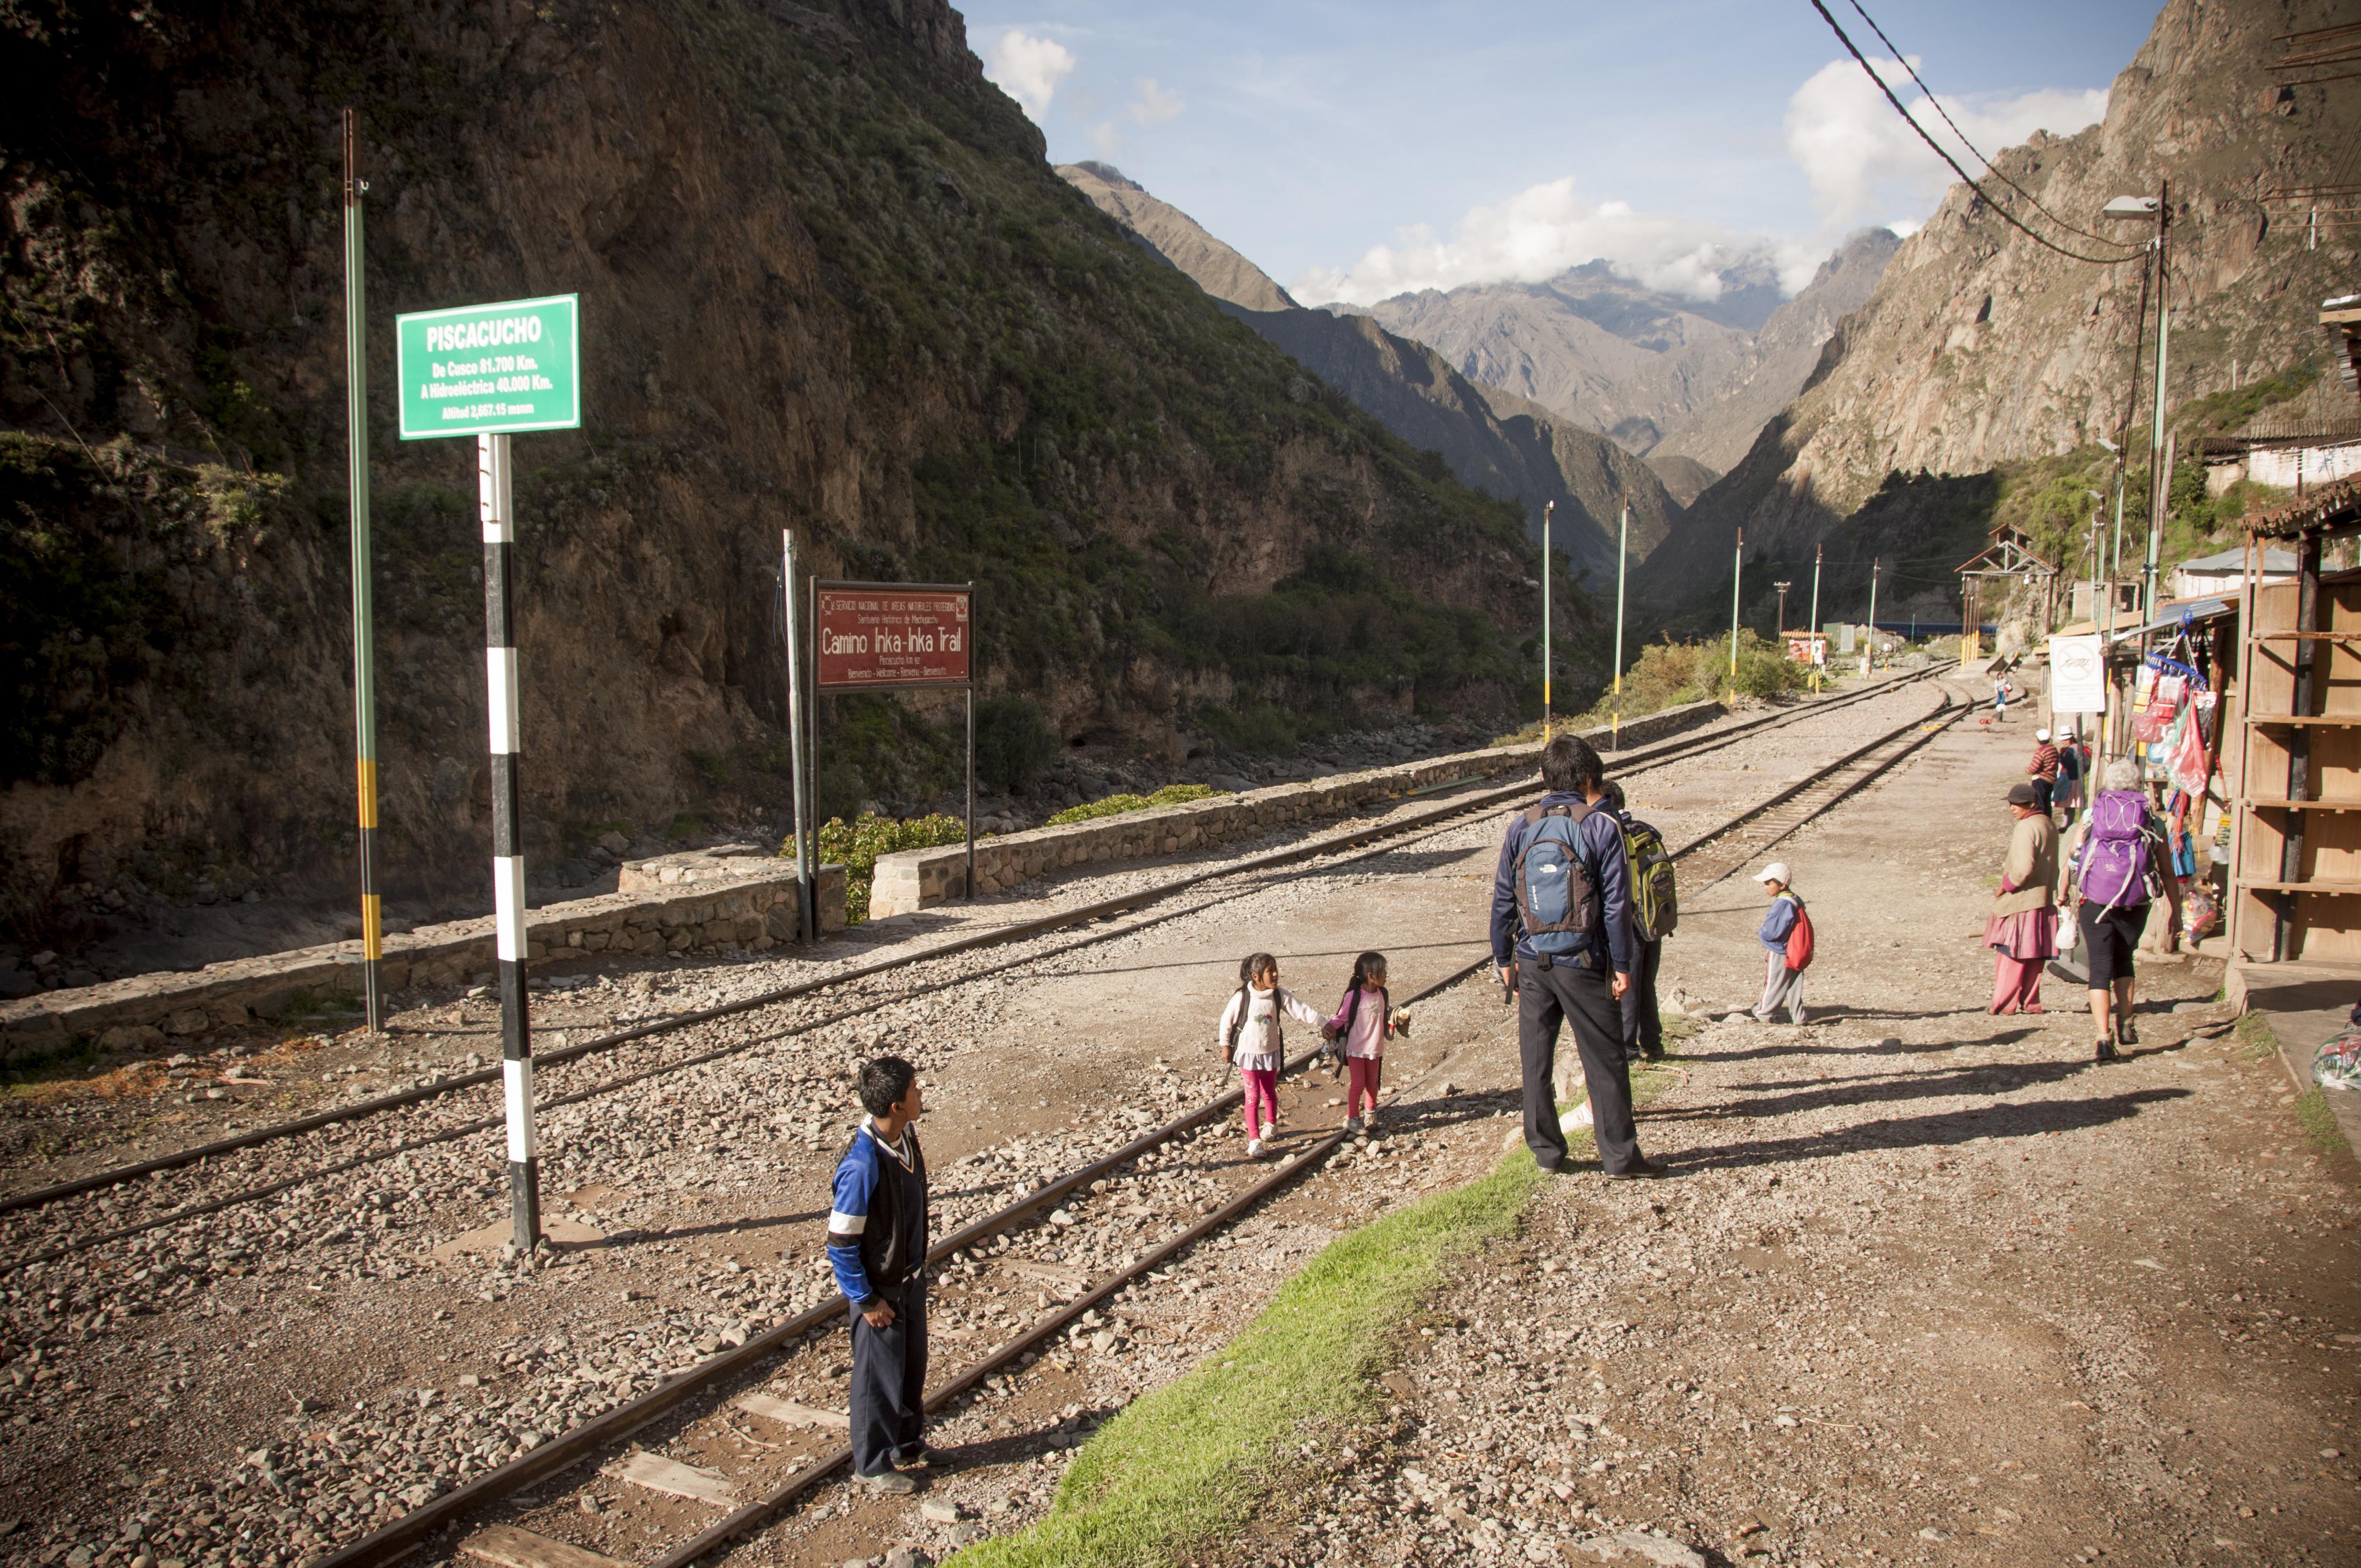 Peru 2013_Camino barato a Machu Pichu. Sonsoles Lozano.